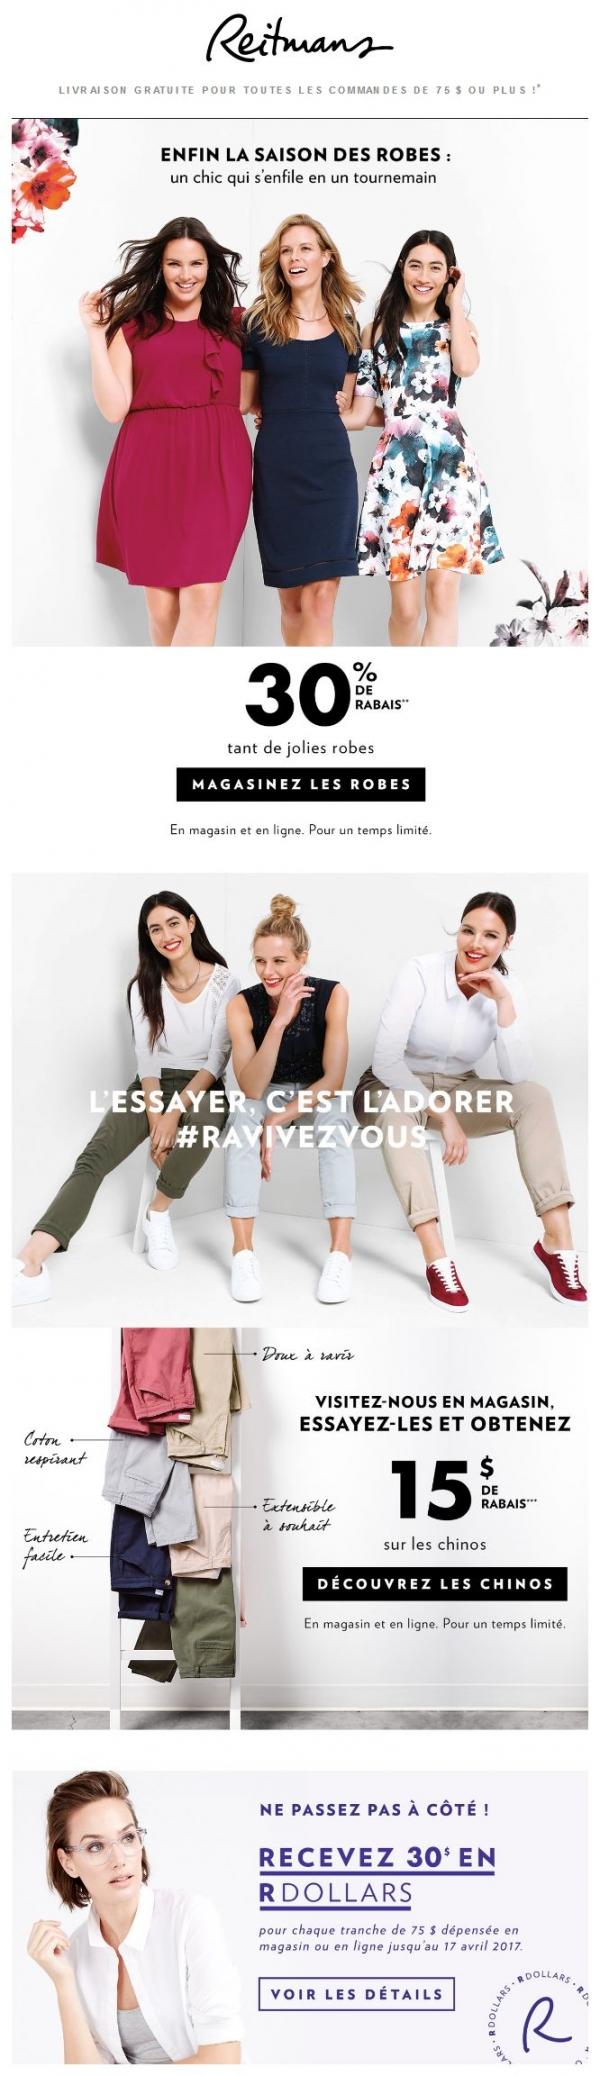 30 % De Rabais Sur Les Robes Qui Font Le Printemps. Promotions Rabais